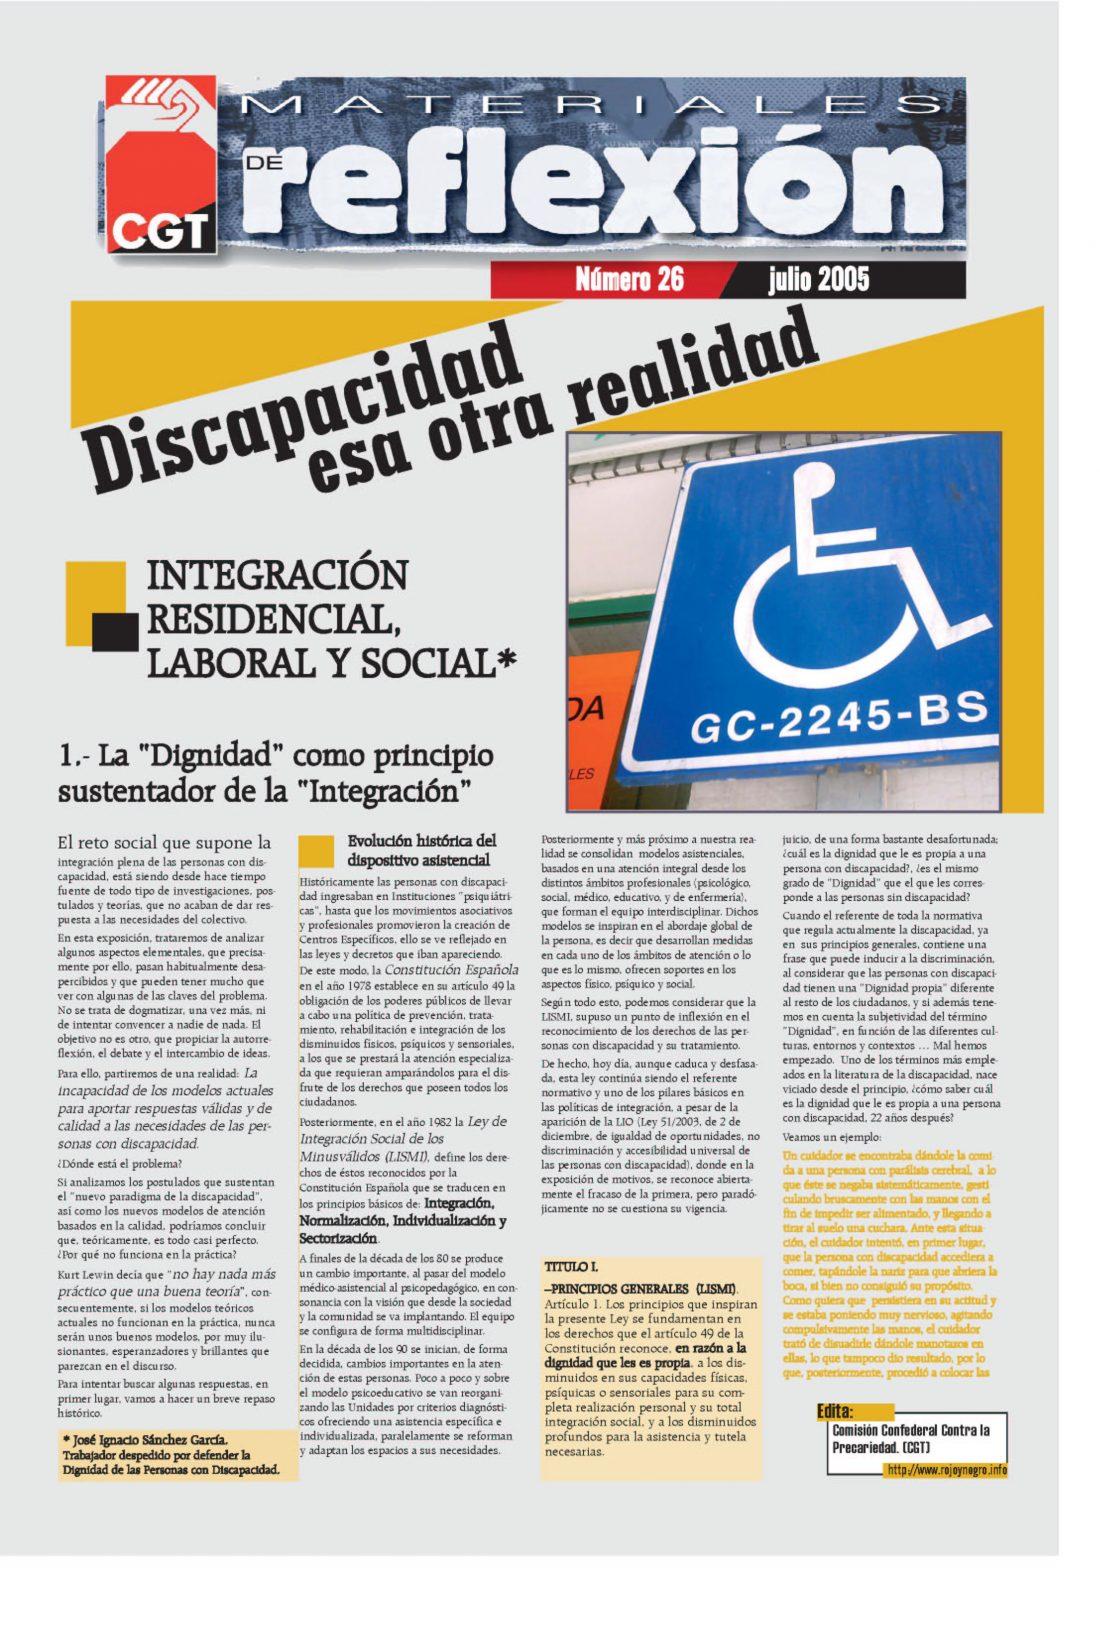 MR 26 Discapacidad